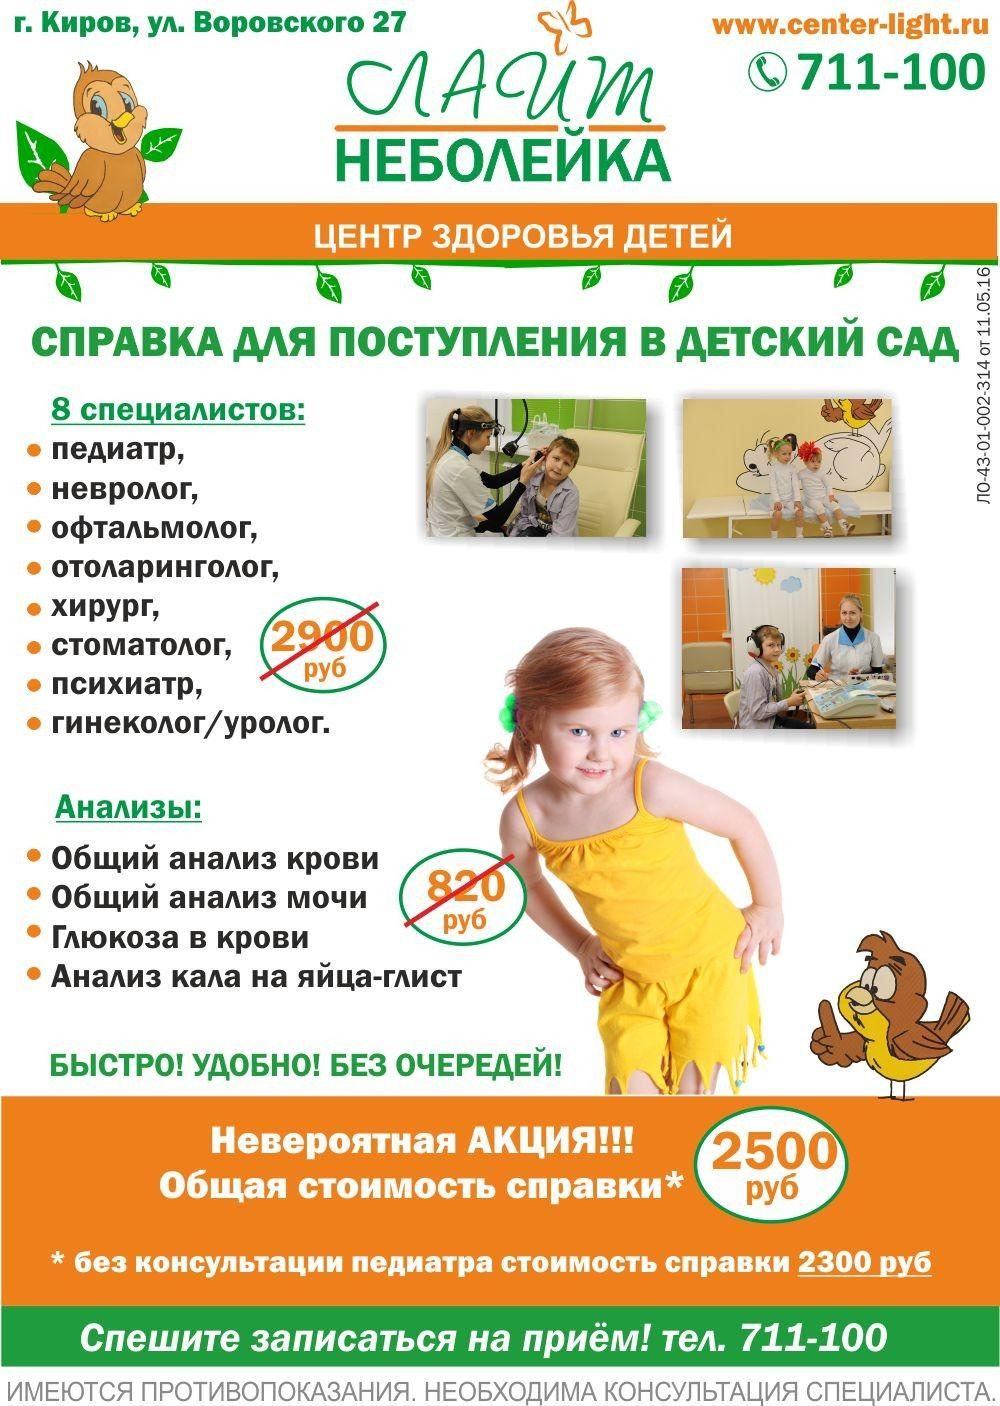 Детский центр анализ крови Больничный лист Комсомольская